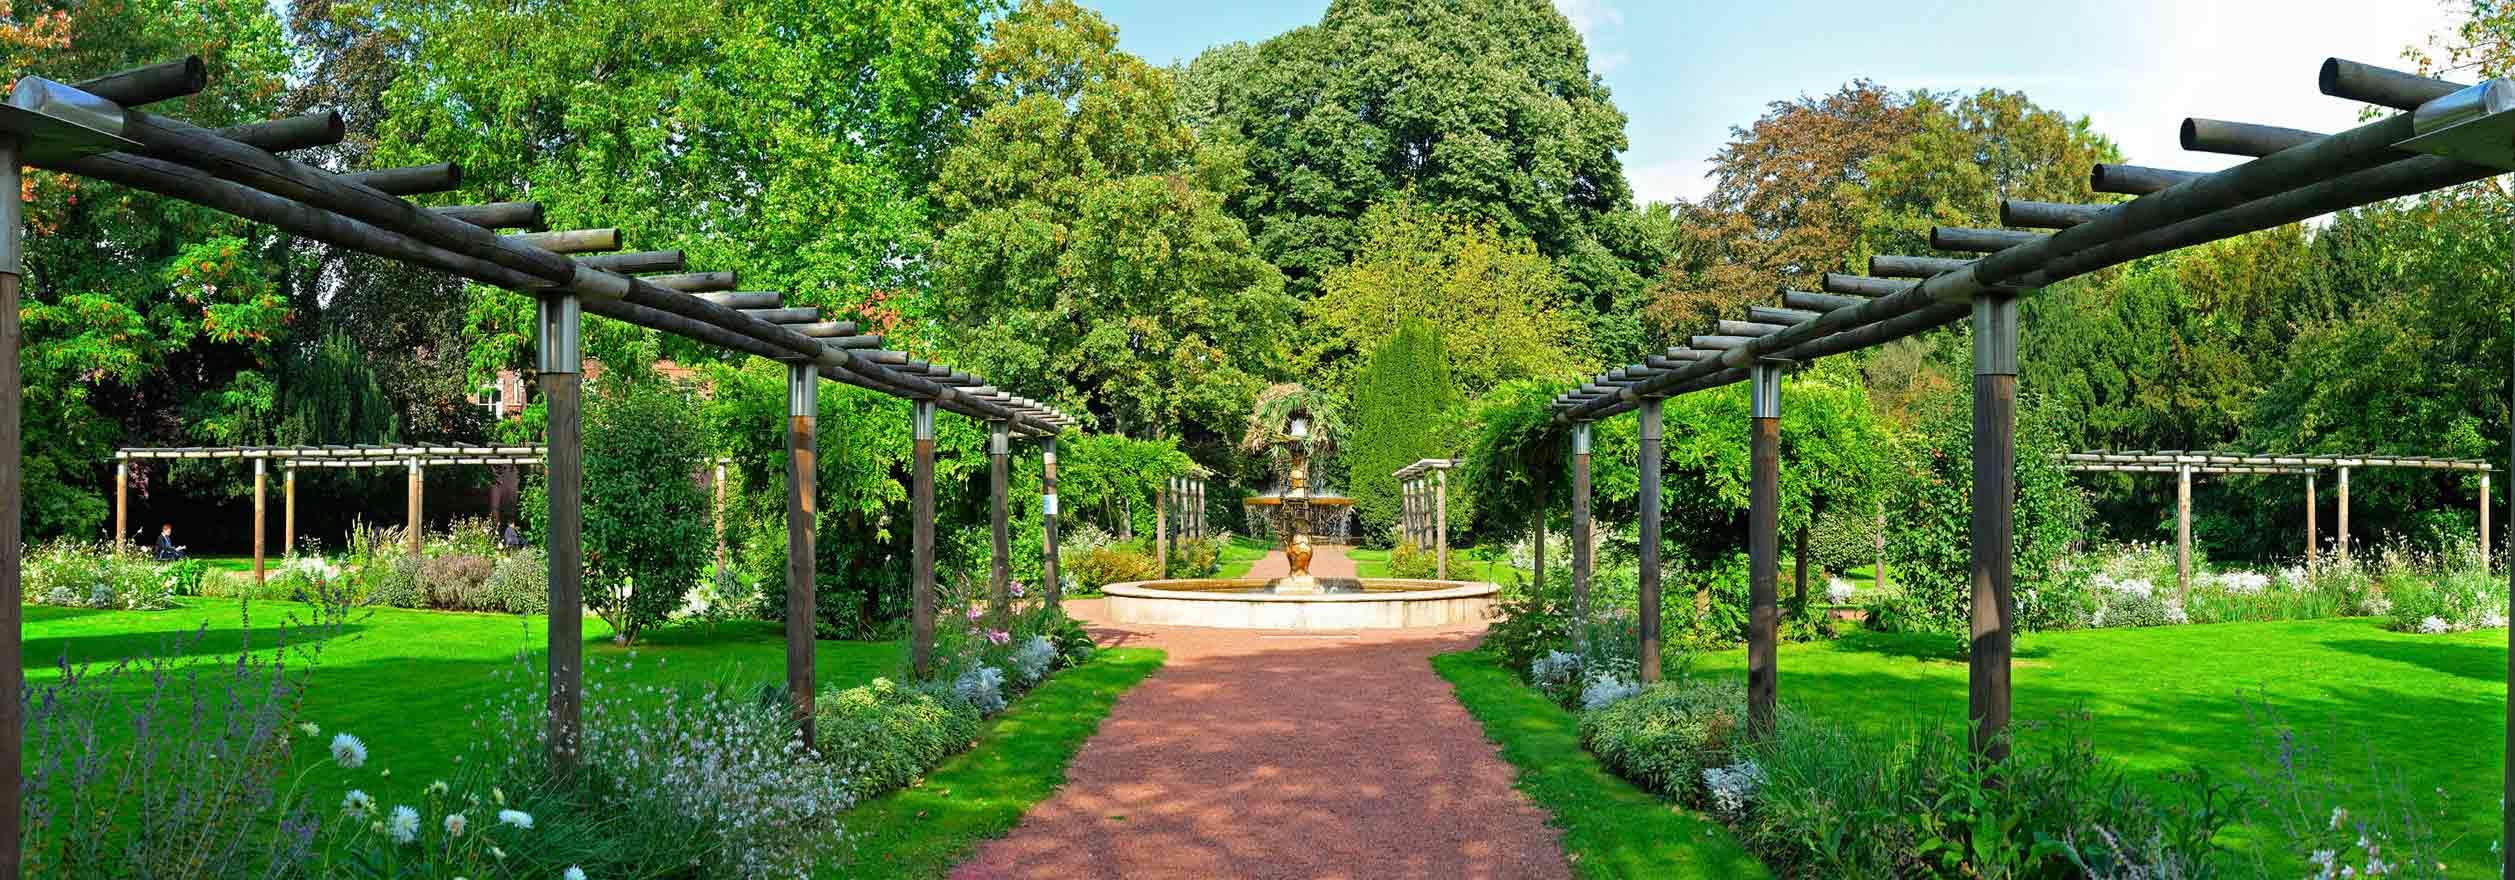 Jardin botanique parcs et jardins nature mes loisirs for Camping le jardin botanique limeray